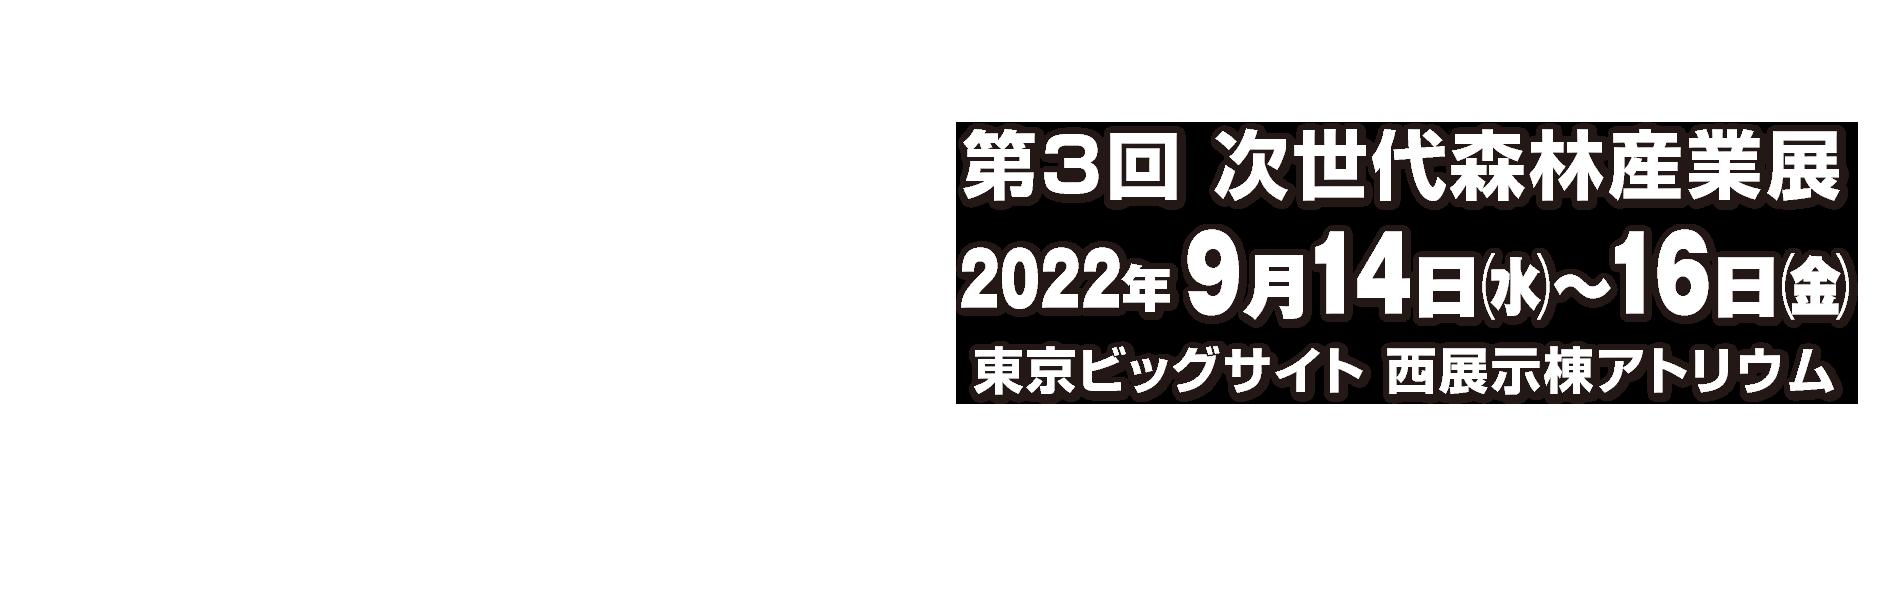 第3回 次世代森林産業展 2022年9月14~16日